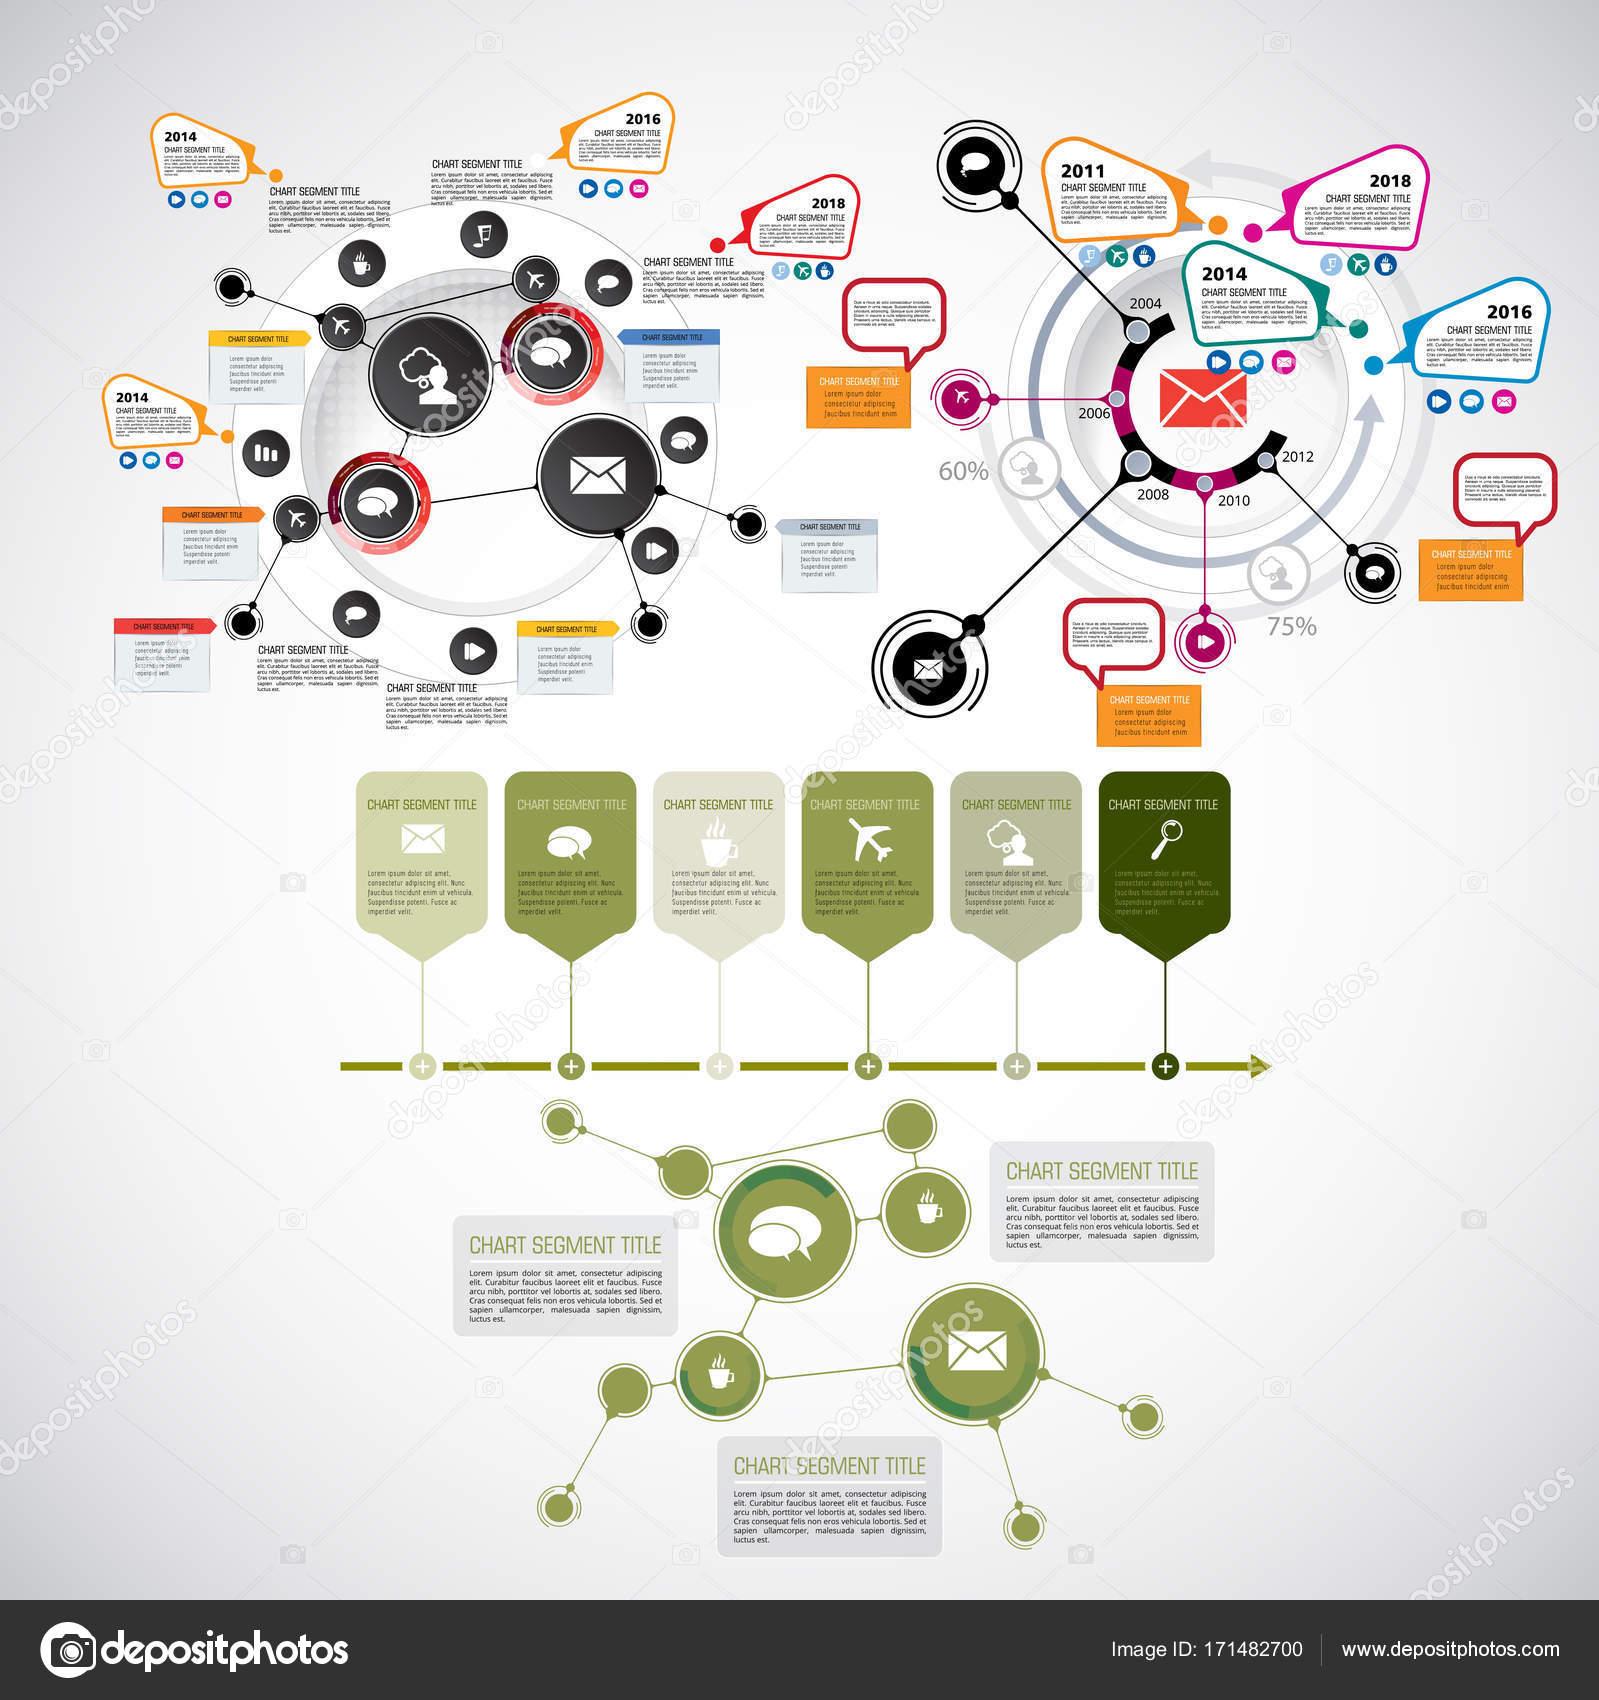 Ilustración infografía plantillas — Archivo Imágenes Vectoriales ...